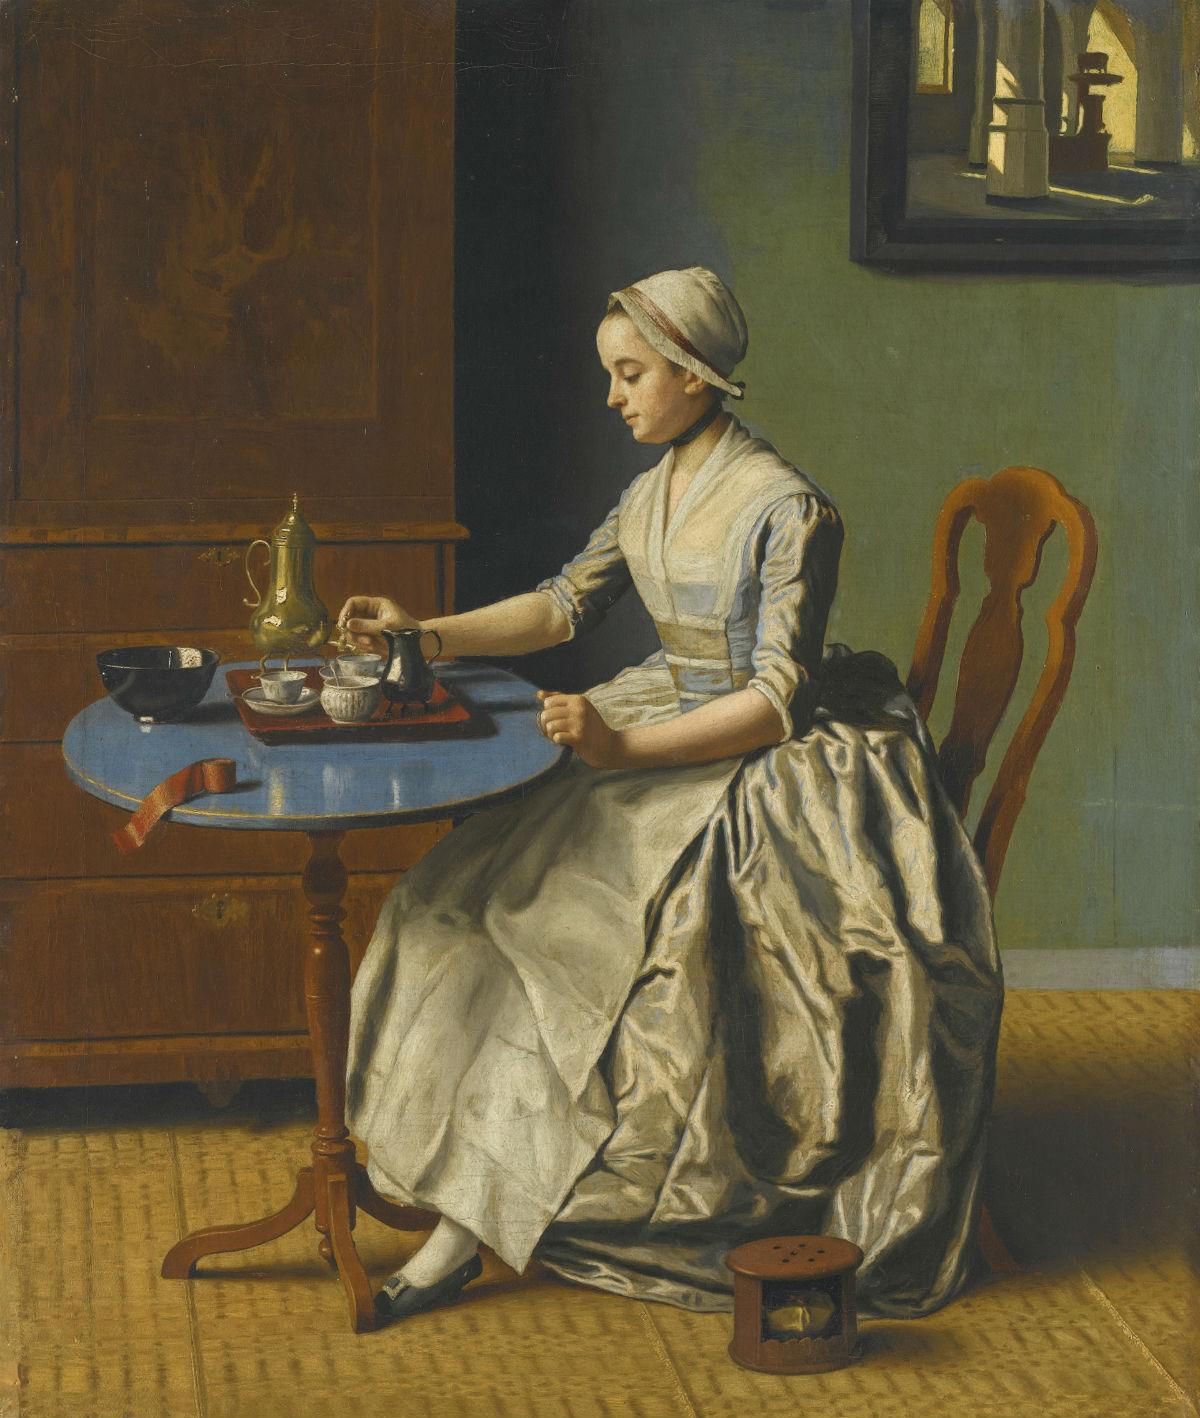 Jean-Etienne Liotard (1702-1789) 'Hollands meisje aan het ontbijt', ca 1756-57